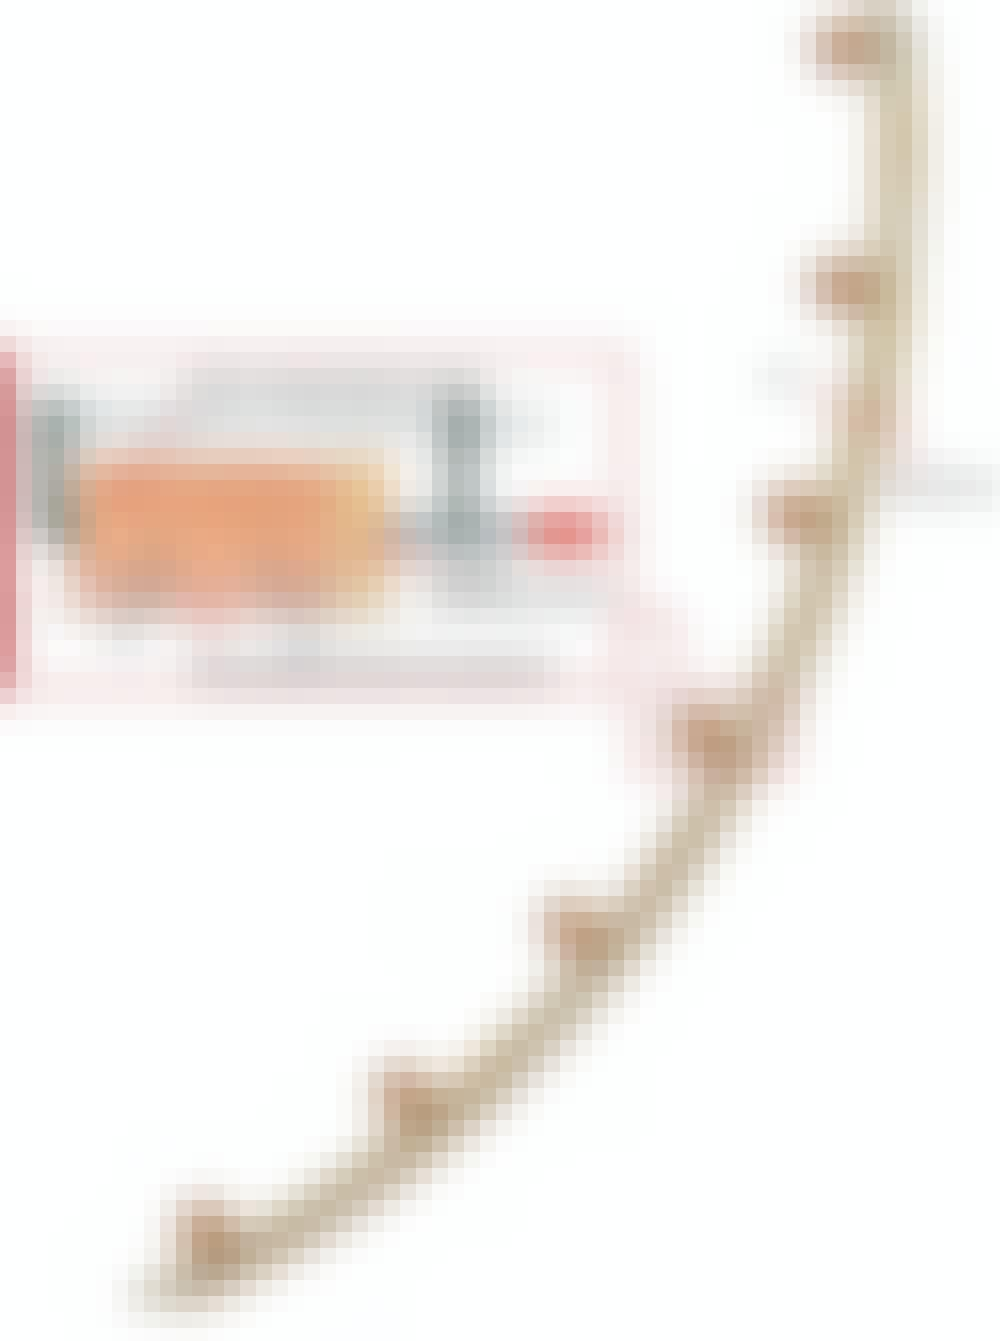 Lasikatto terassille: Harpilla, joka on muodostettu tolpan ympäri kiertävistä naruista tai listoista, piirretään kaari esimerkiksi masoniittilevyyn, joka samalla toimii työsuunni-telmana.